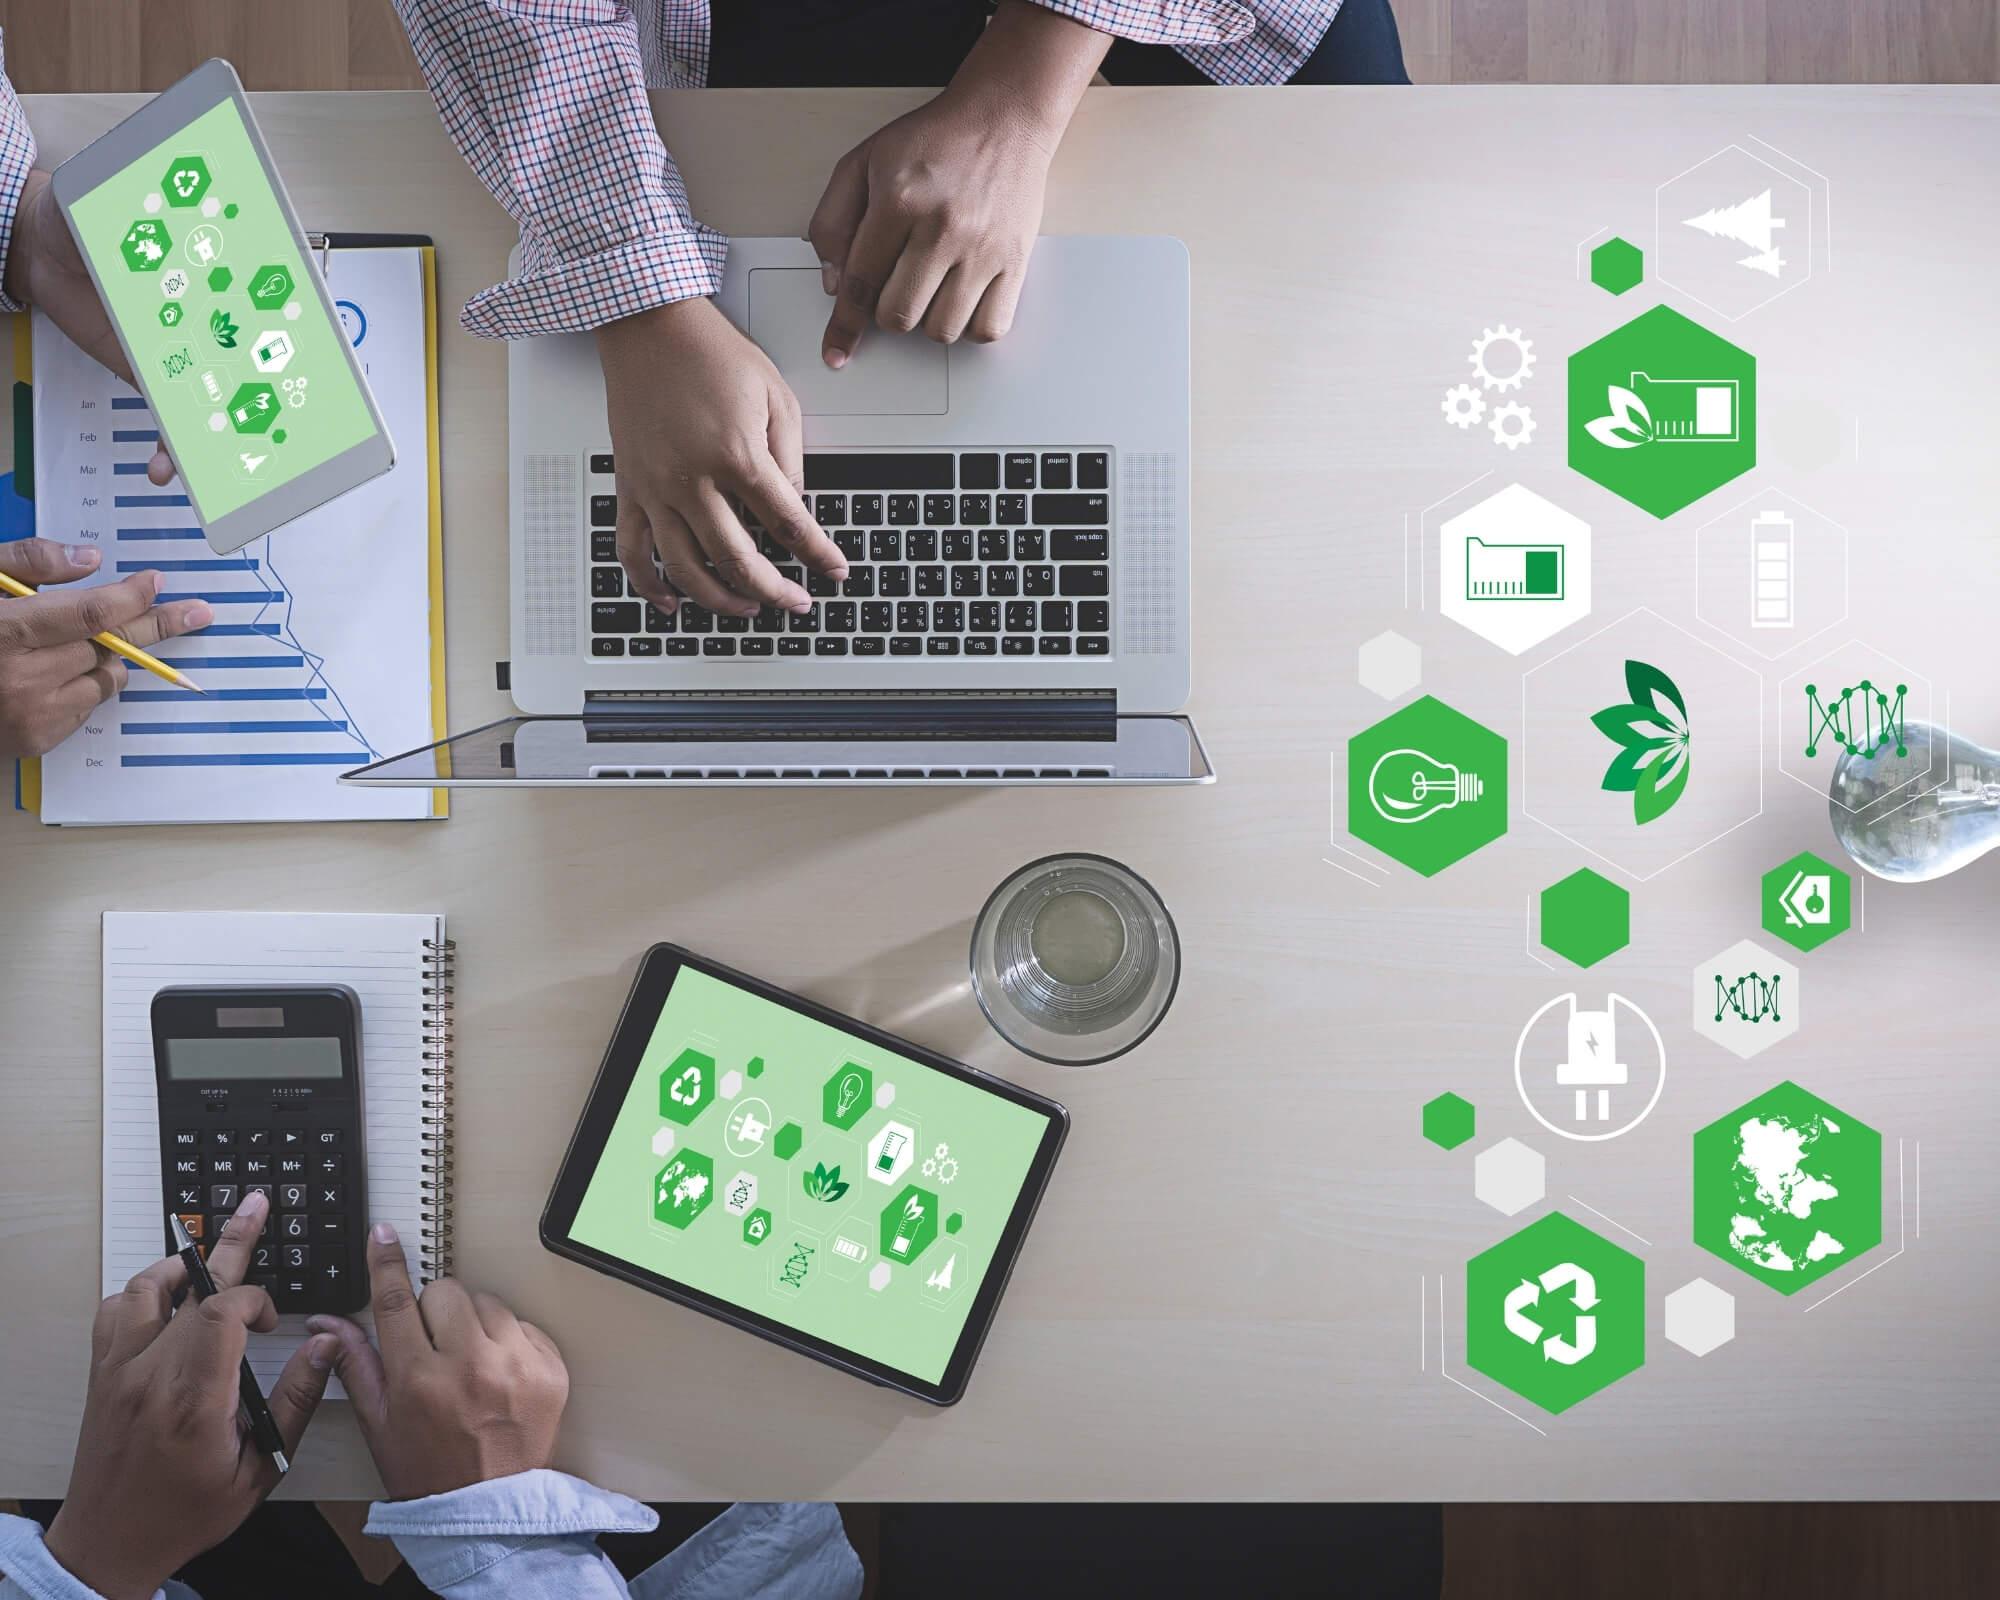 empresarios buscan alternativas sostenibles